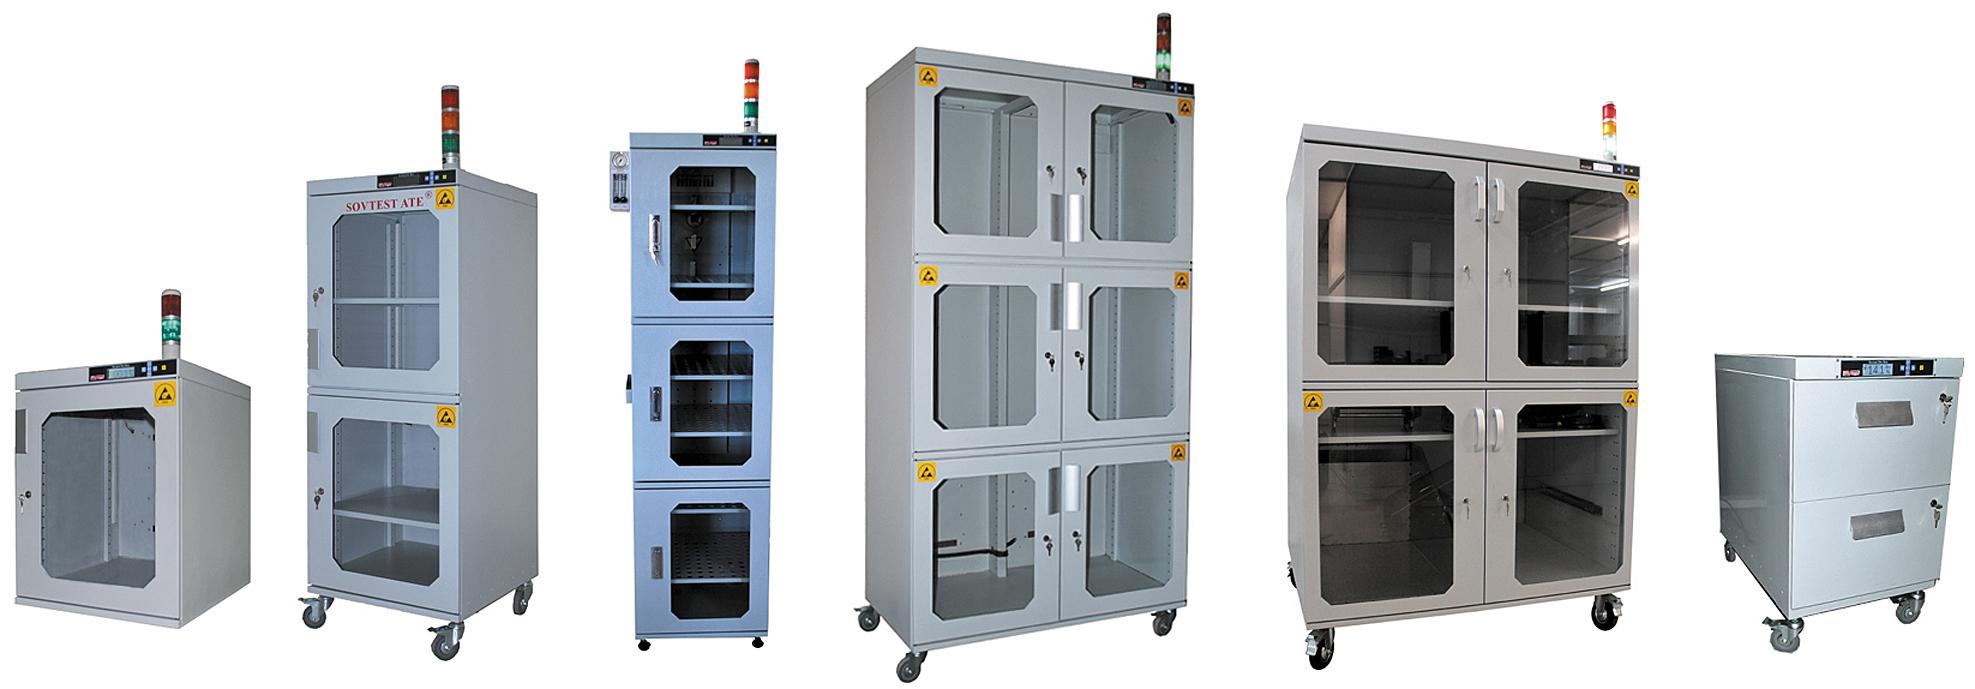 Модельный ряд систем сухого хранения производства «Совтест АТЕ»